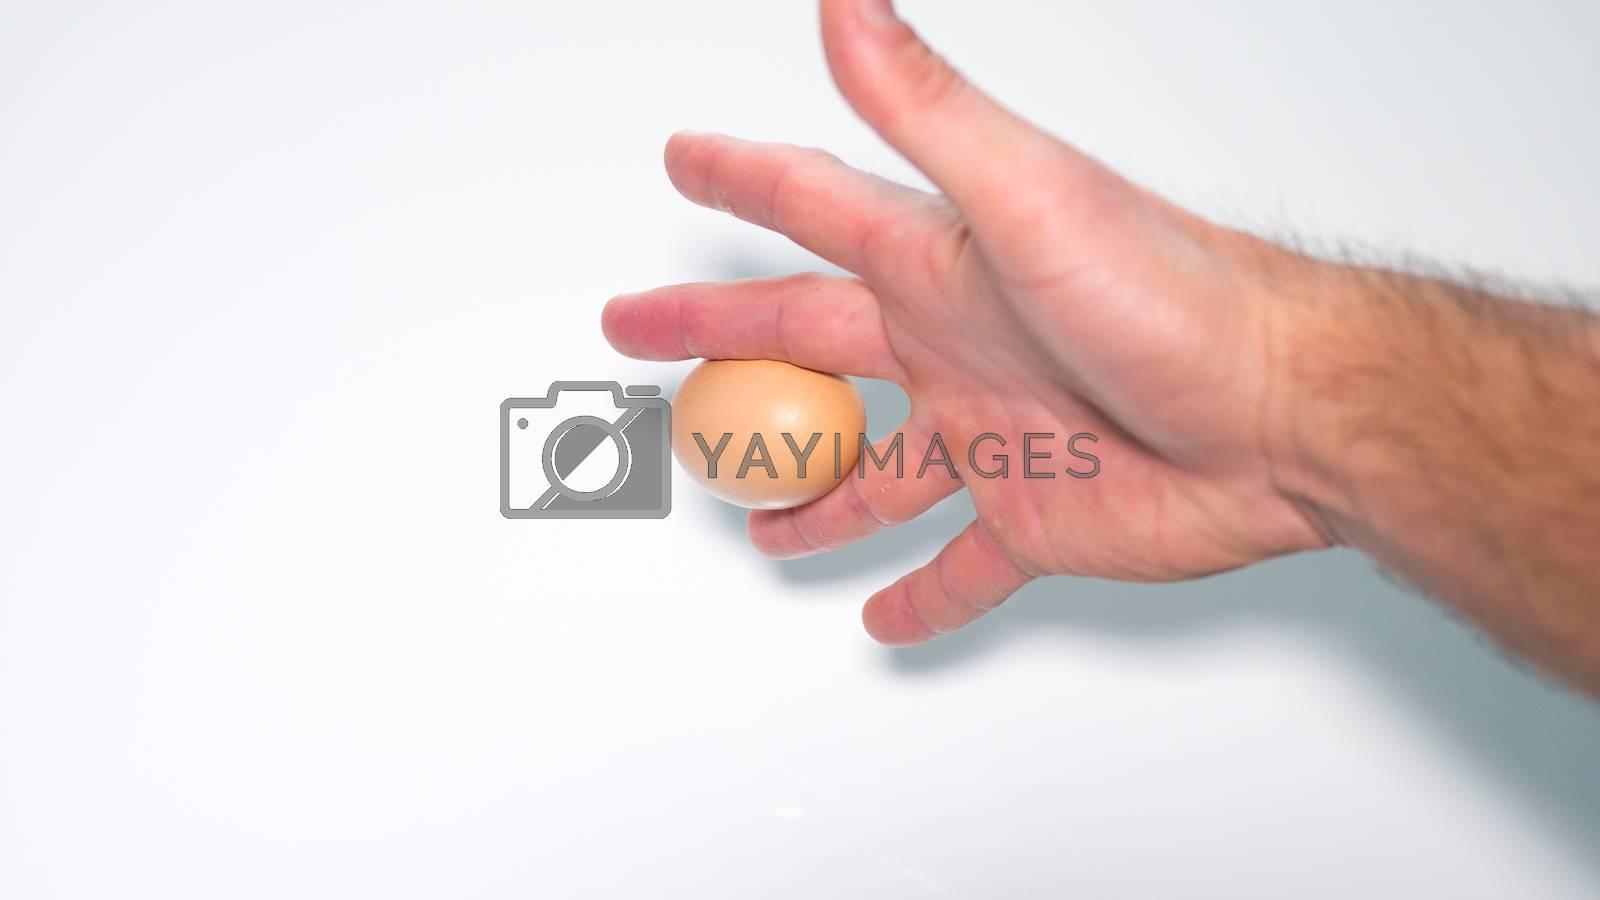 chicken egg between fingers in male hand